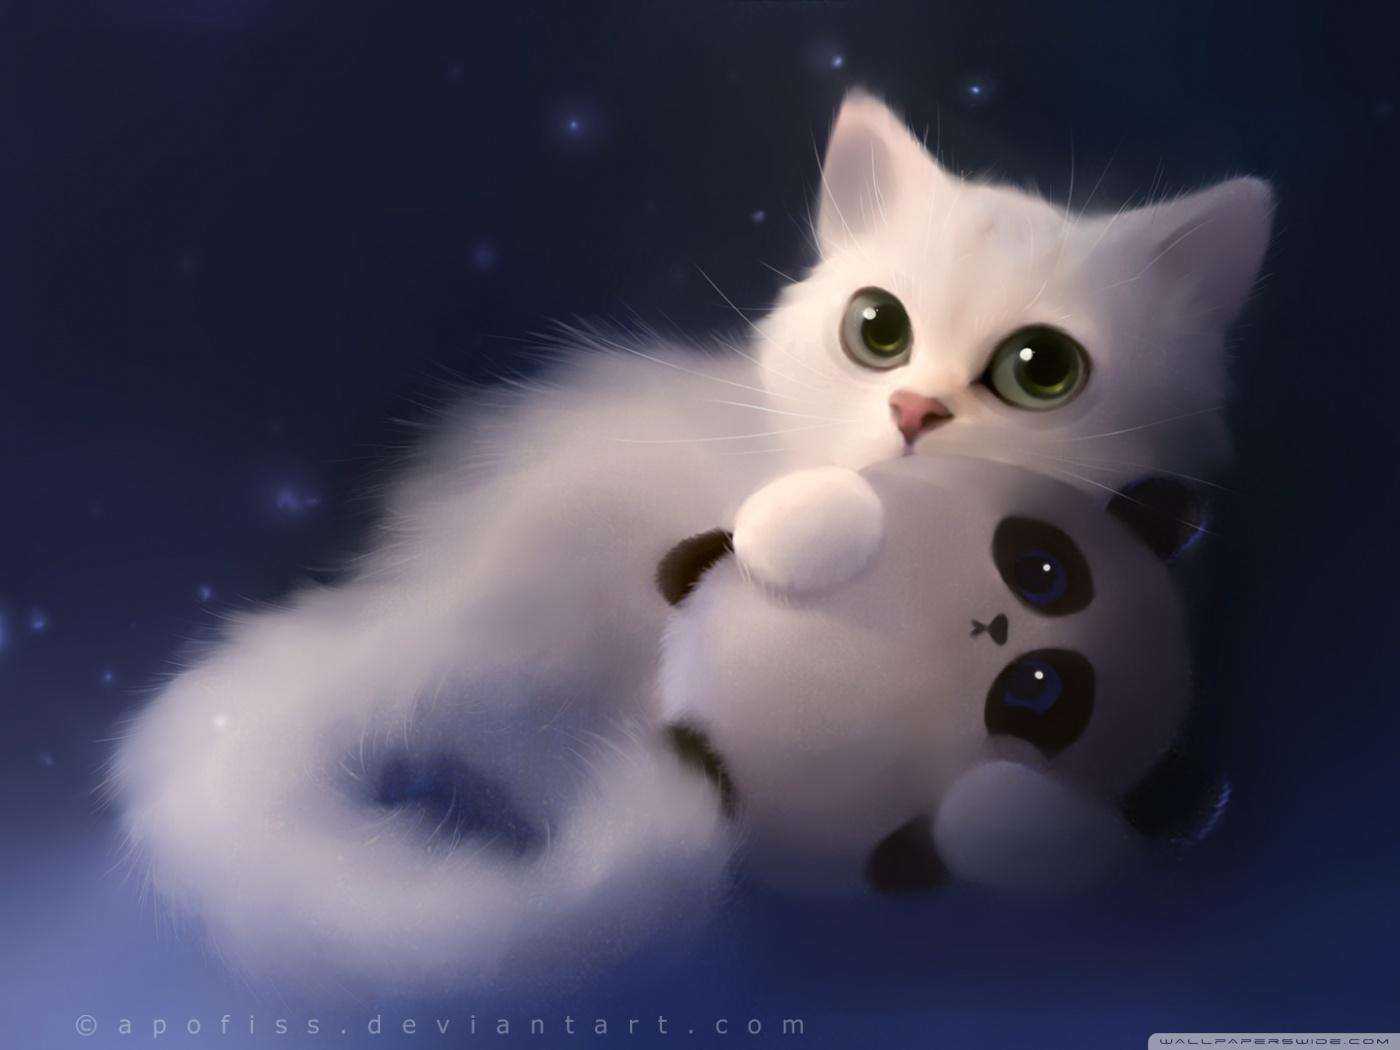 Cute Kitten Wallpaper For Ipad White Night 4k Hd Desktop Wallpaper For 4k Ultra Hd Tv